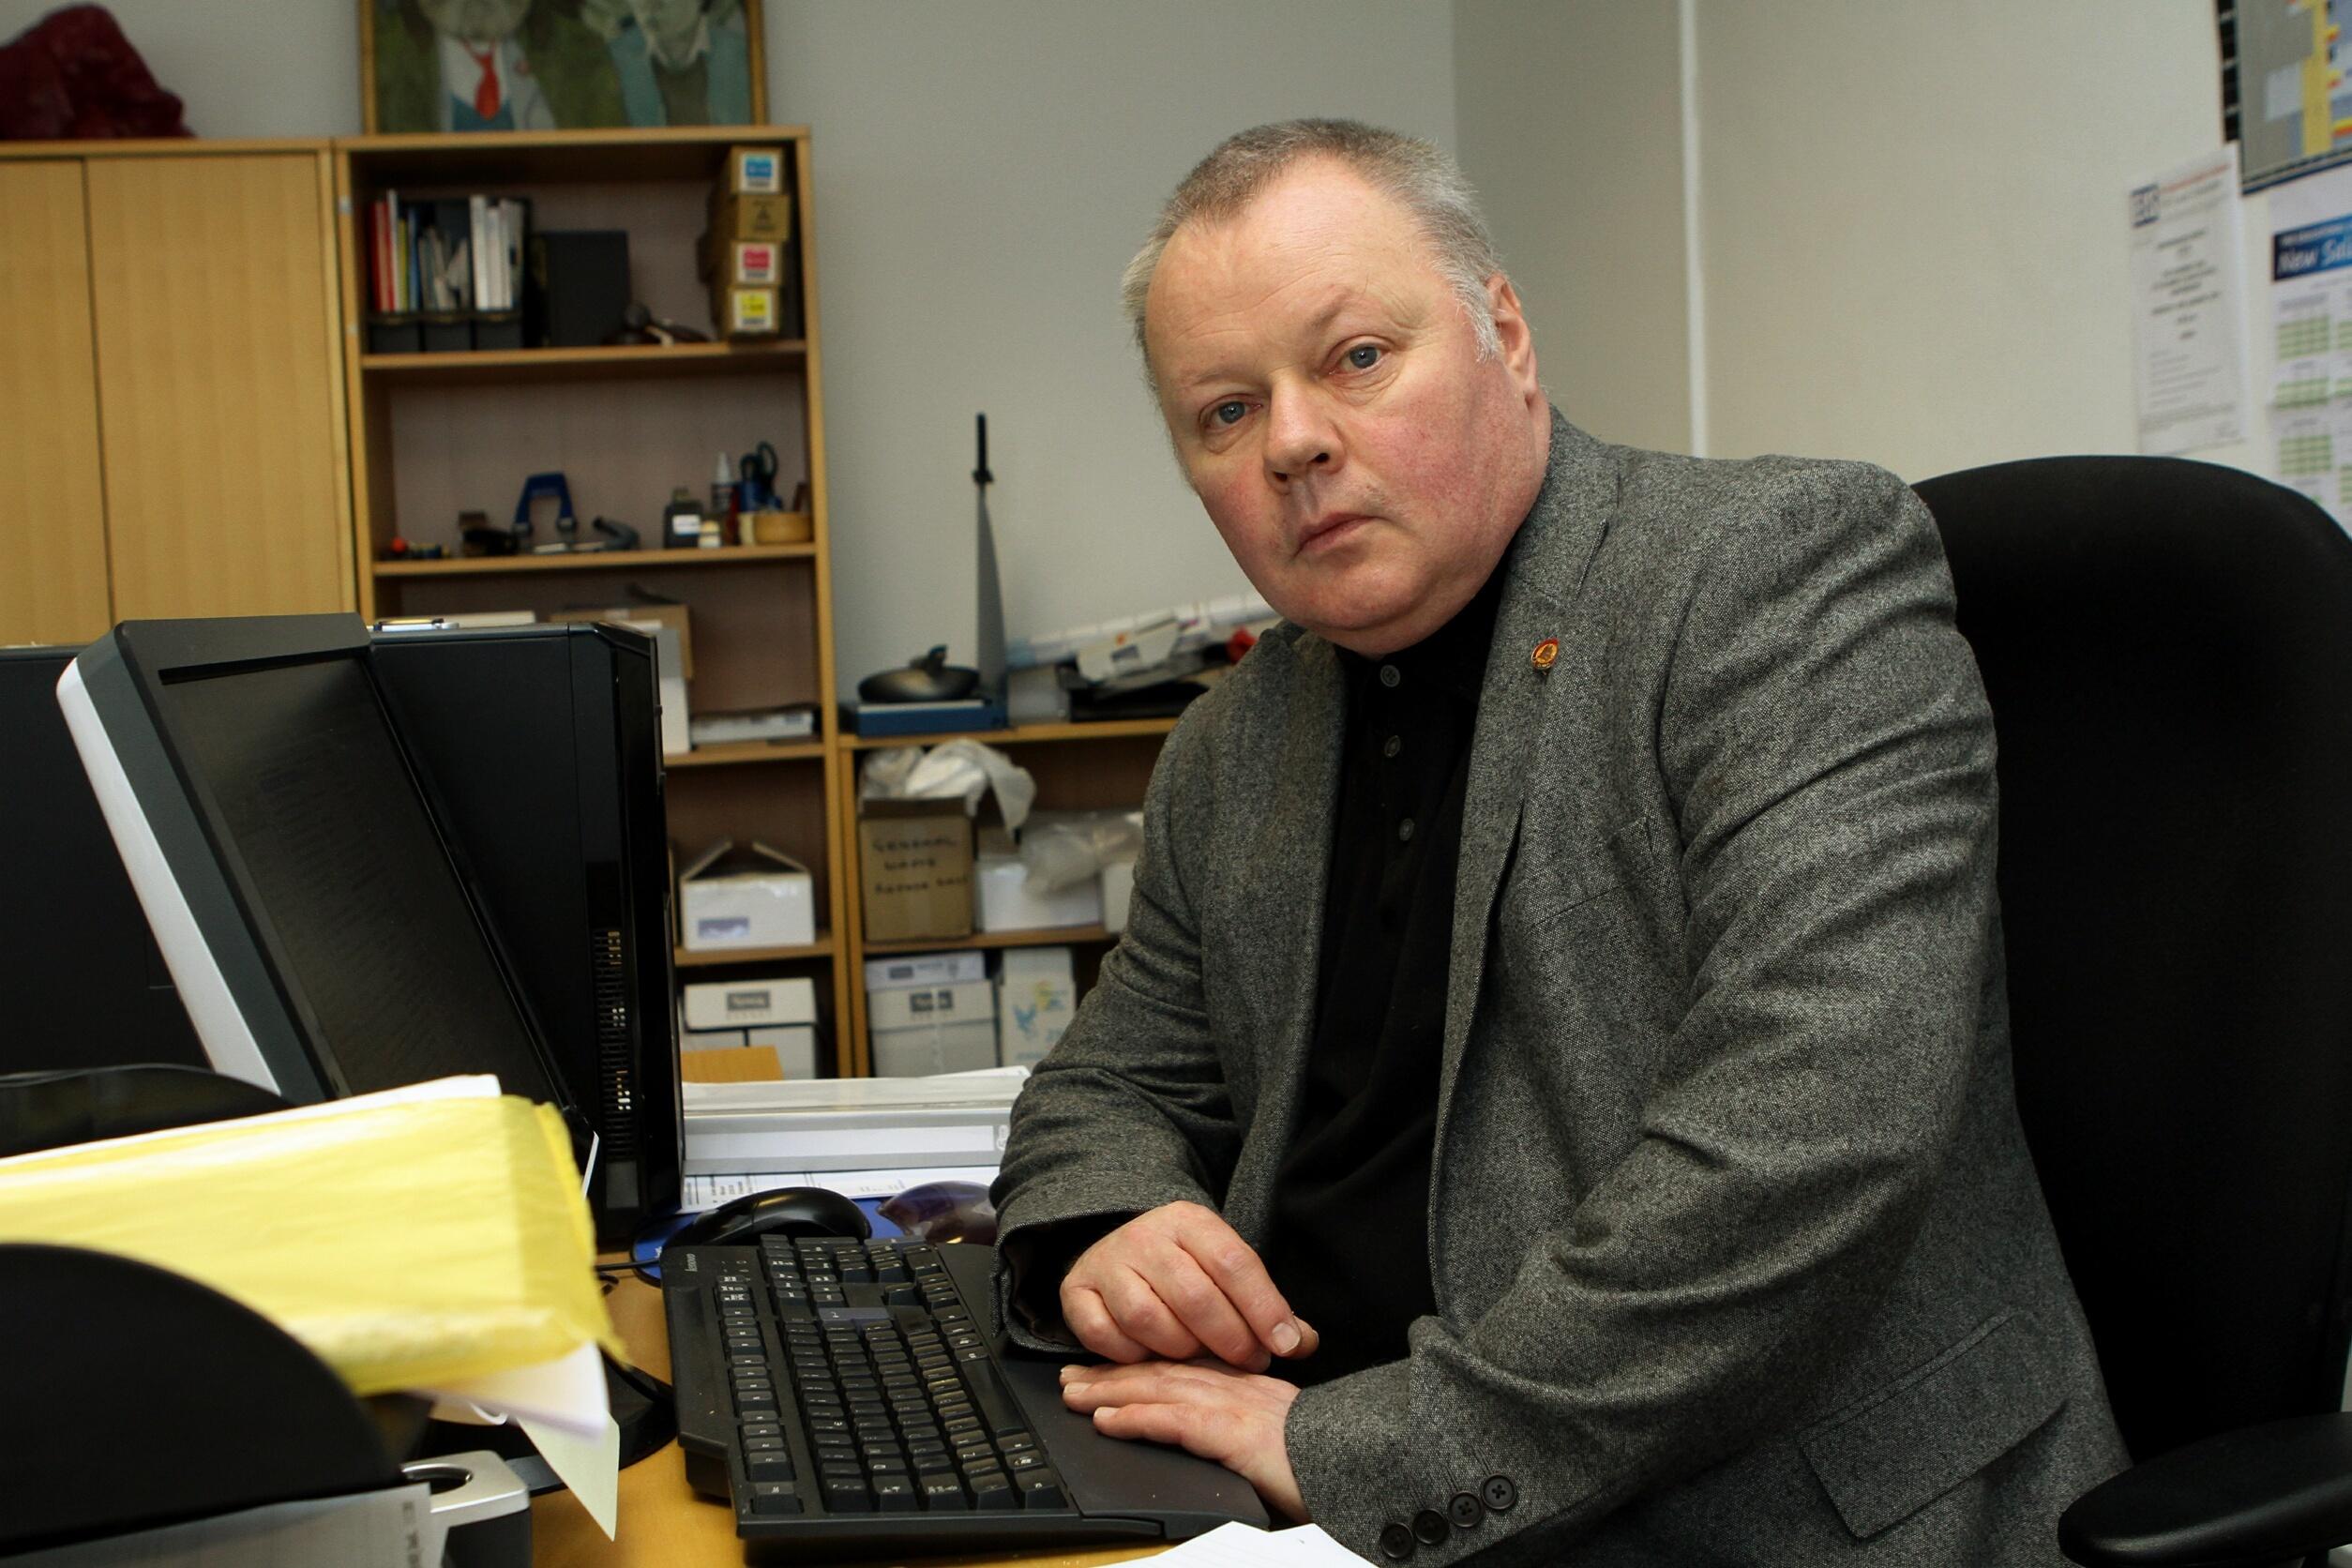 David Farmer fears staff will be put under extra pressure